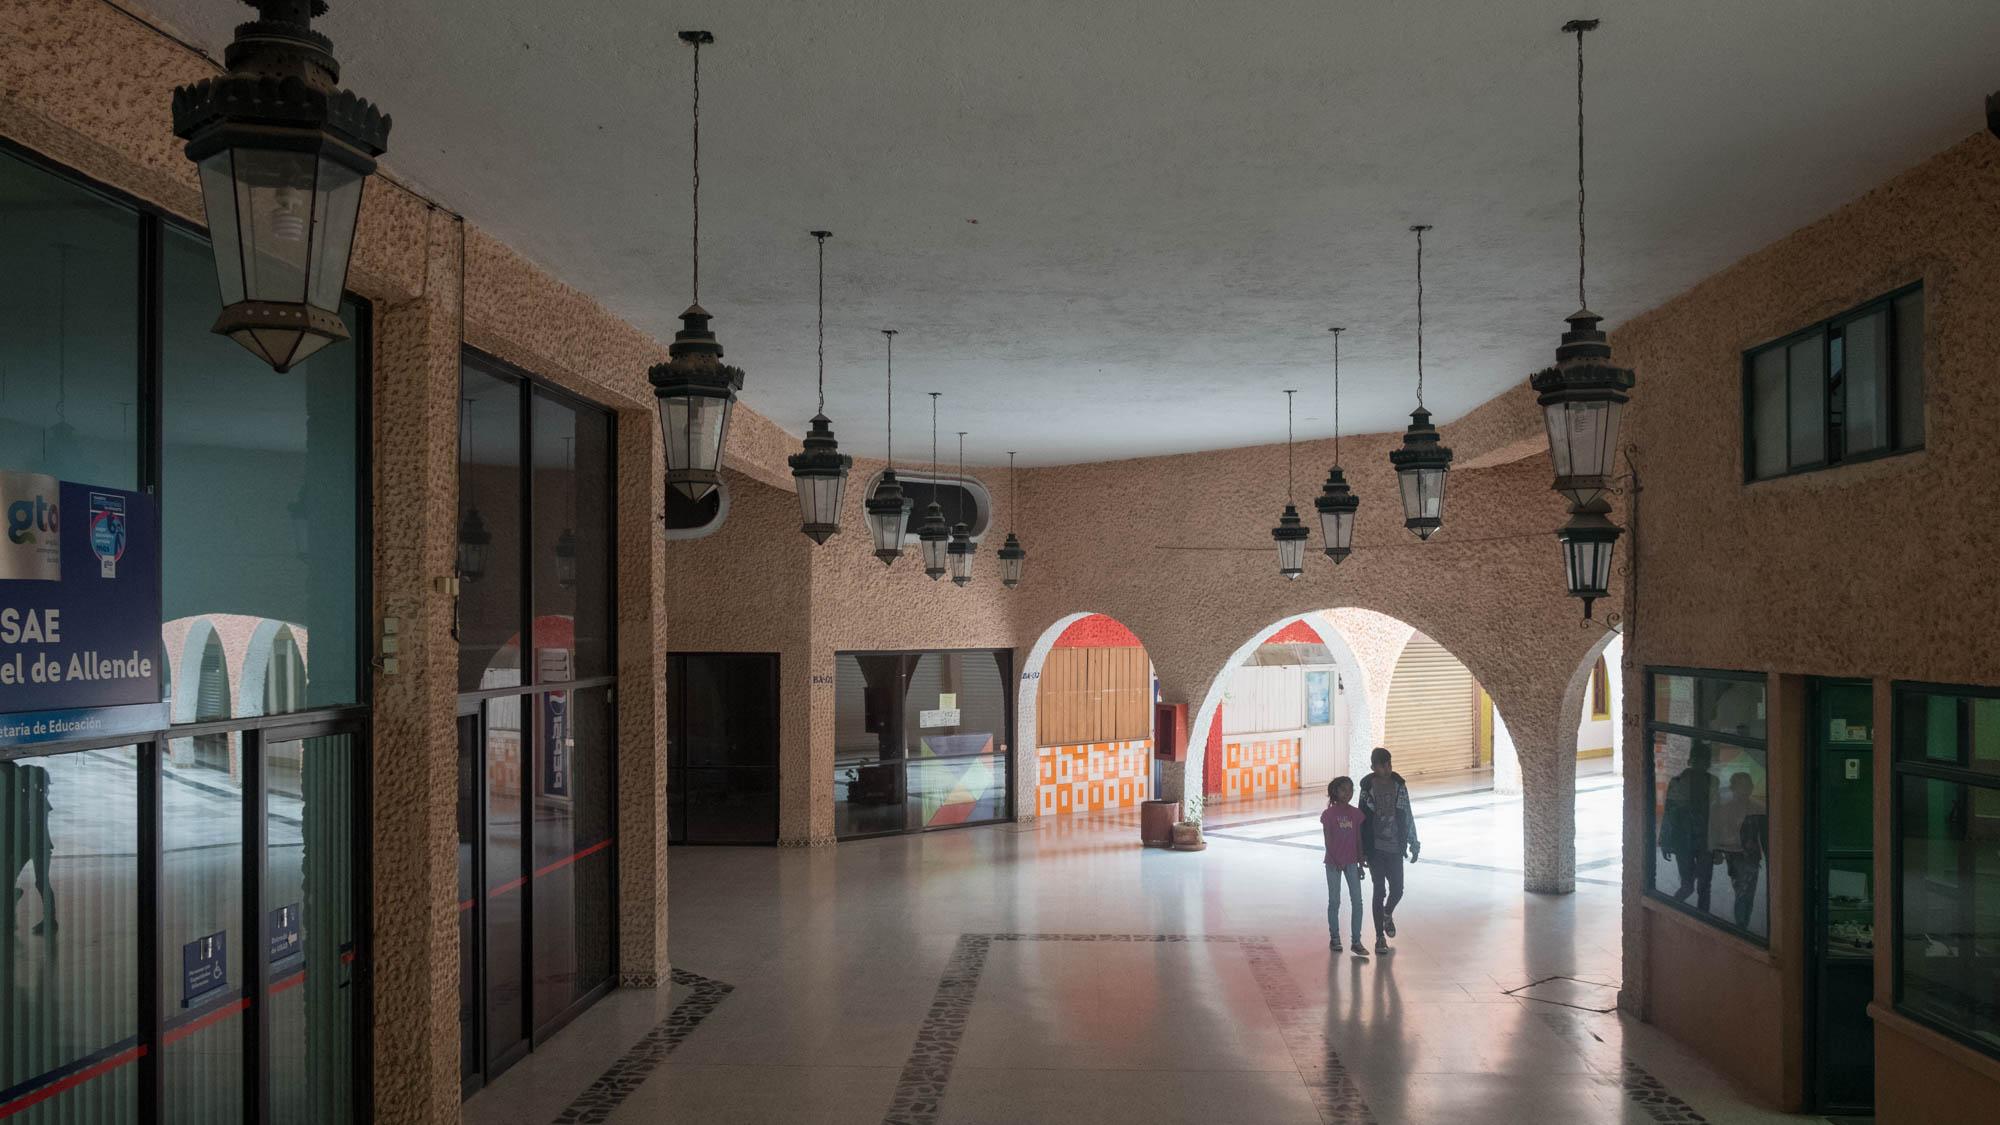 Mexico_SMA_Plaza el Real del Conde (14 of 39).jpg